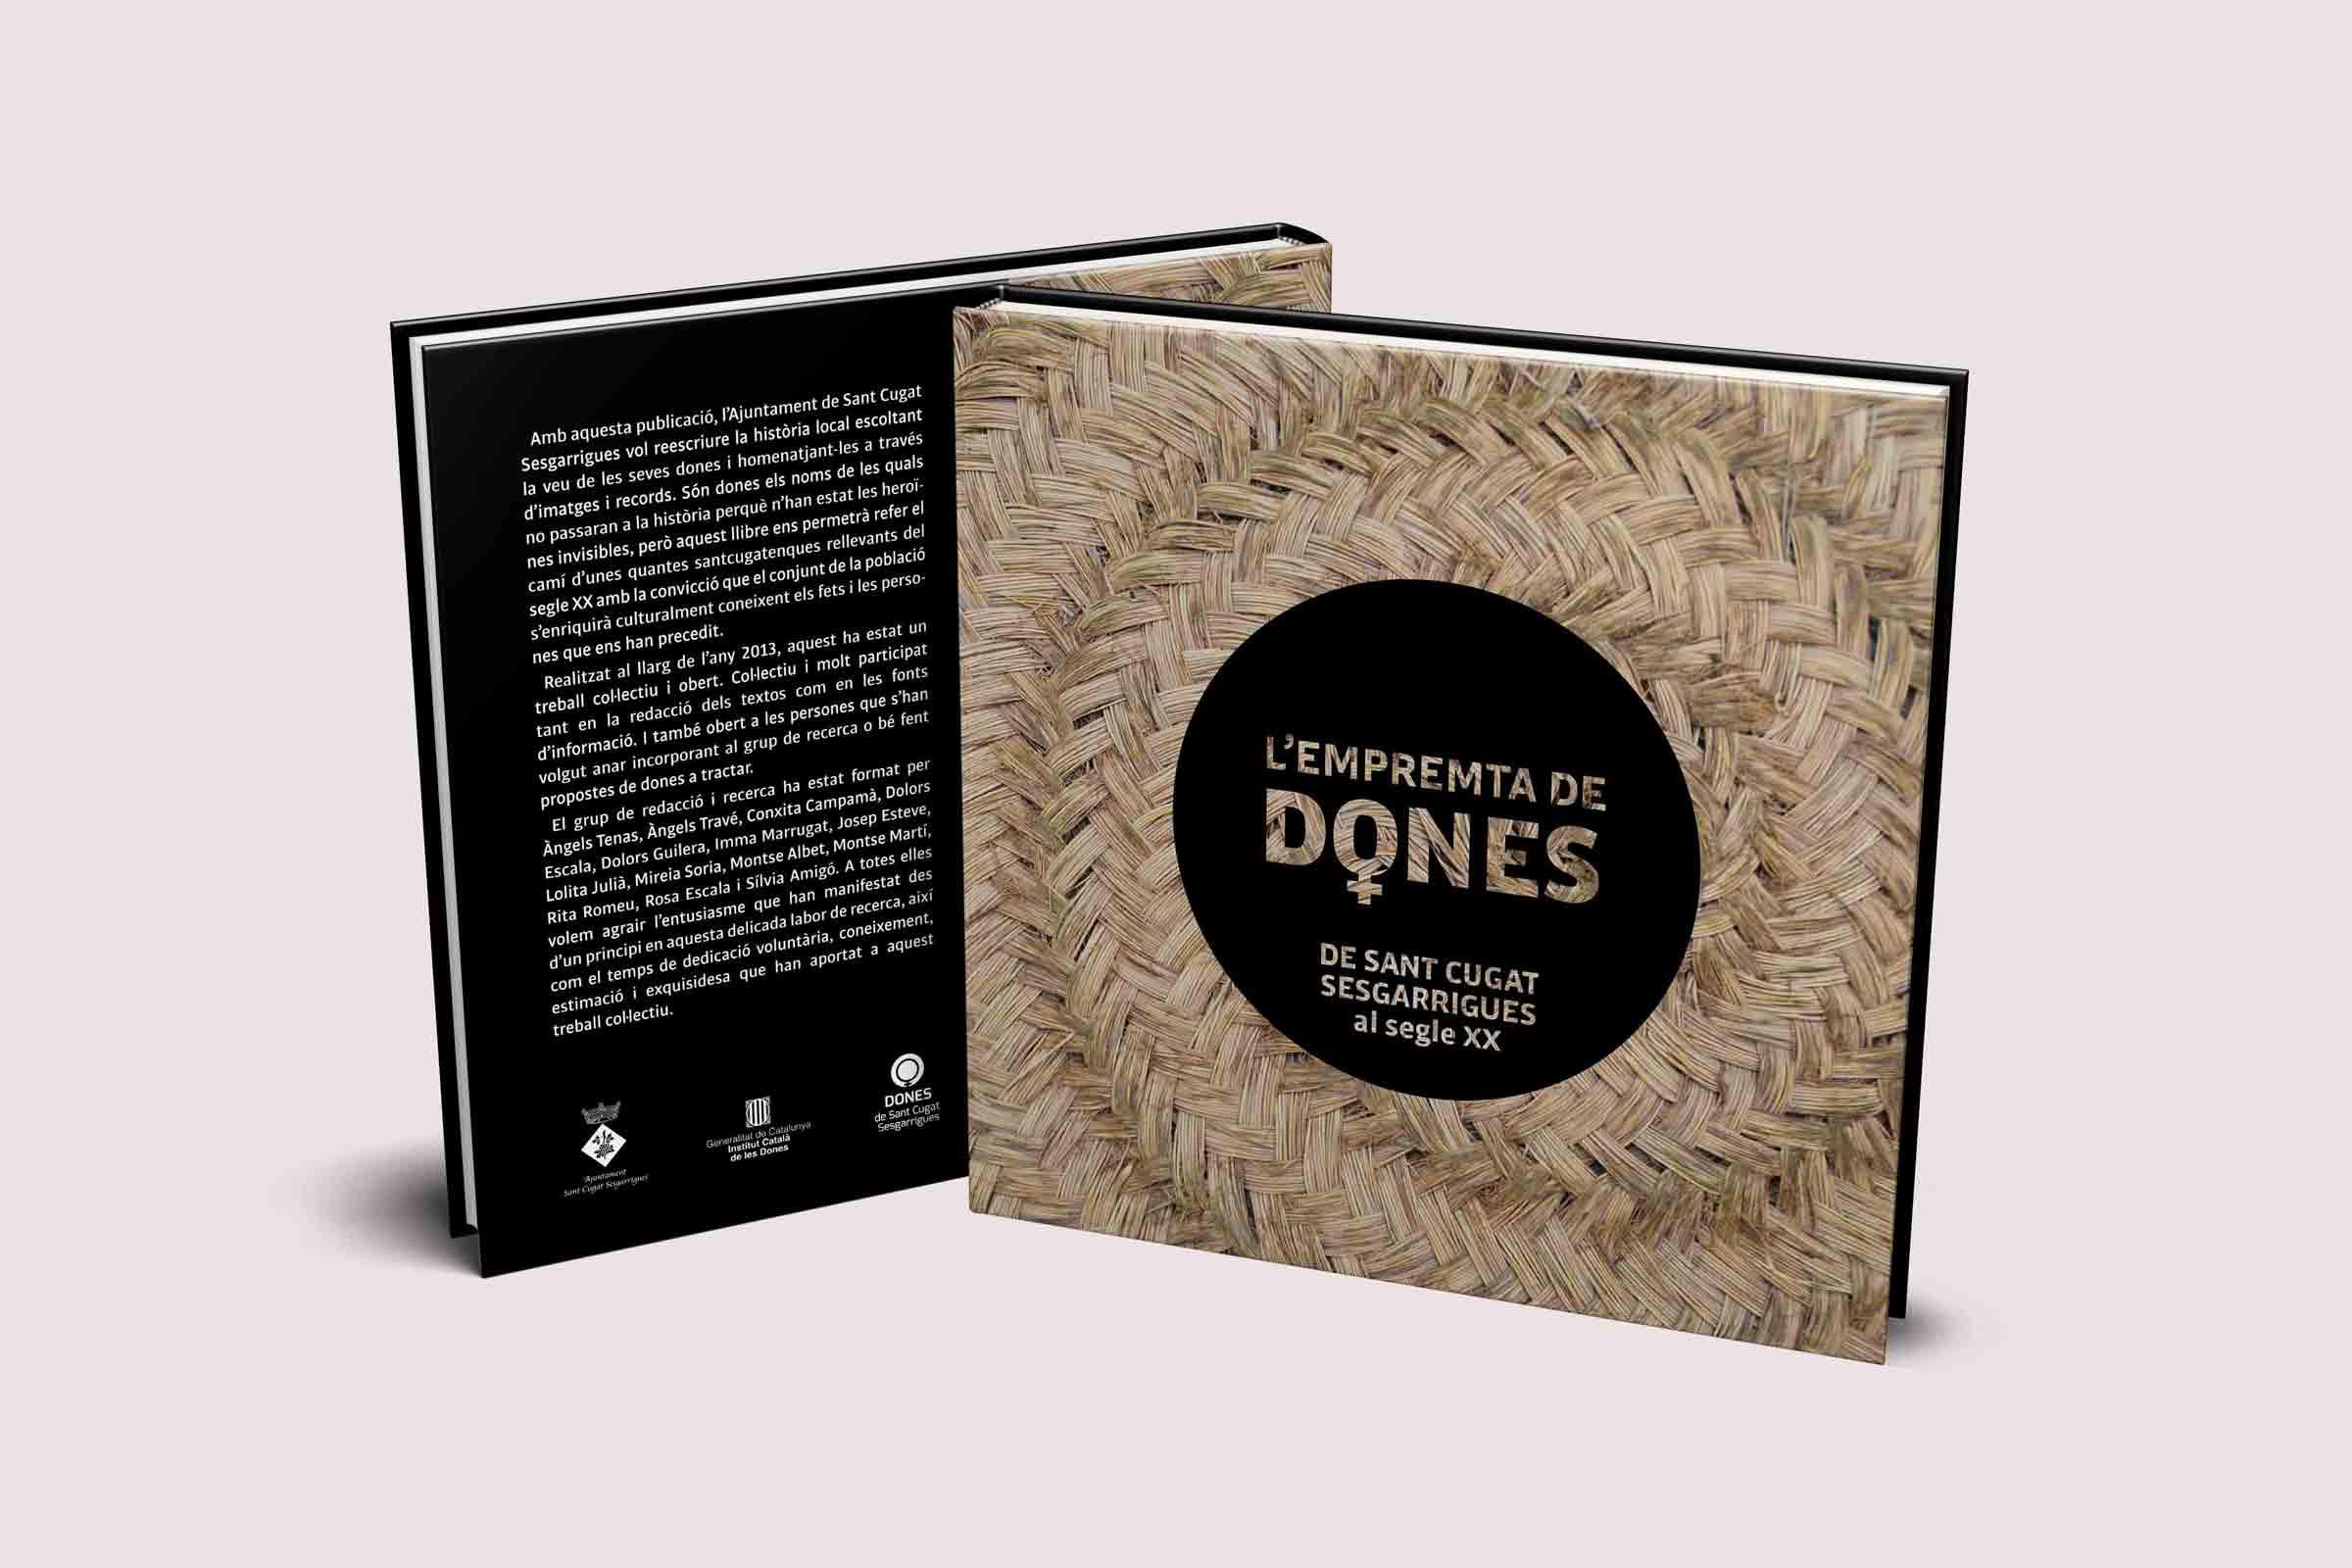 Disseny-Llibre-L-Empremta-de-Dones-Disculpi-Studio-Angels-Pinyol-Books-Design